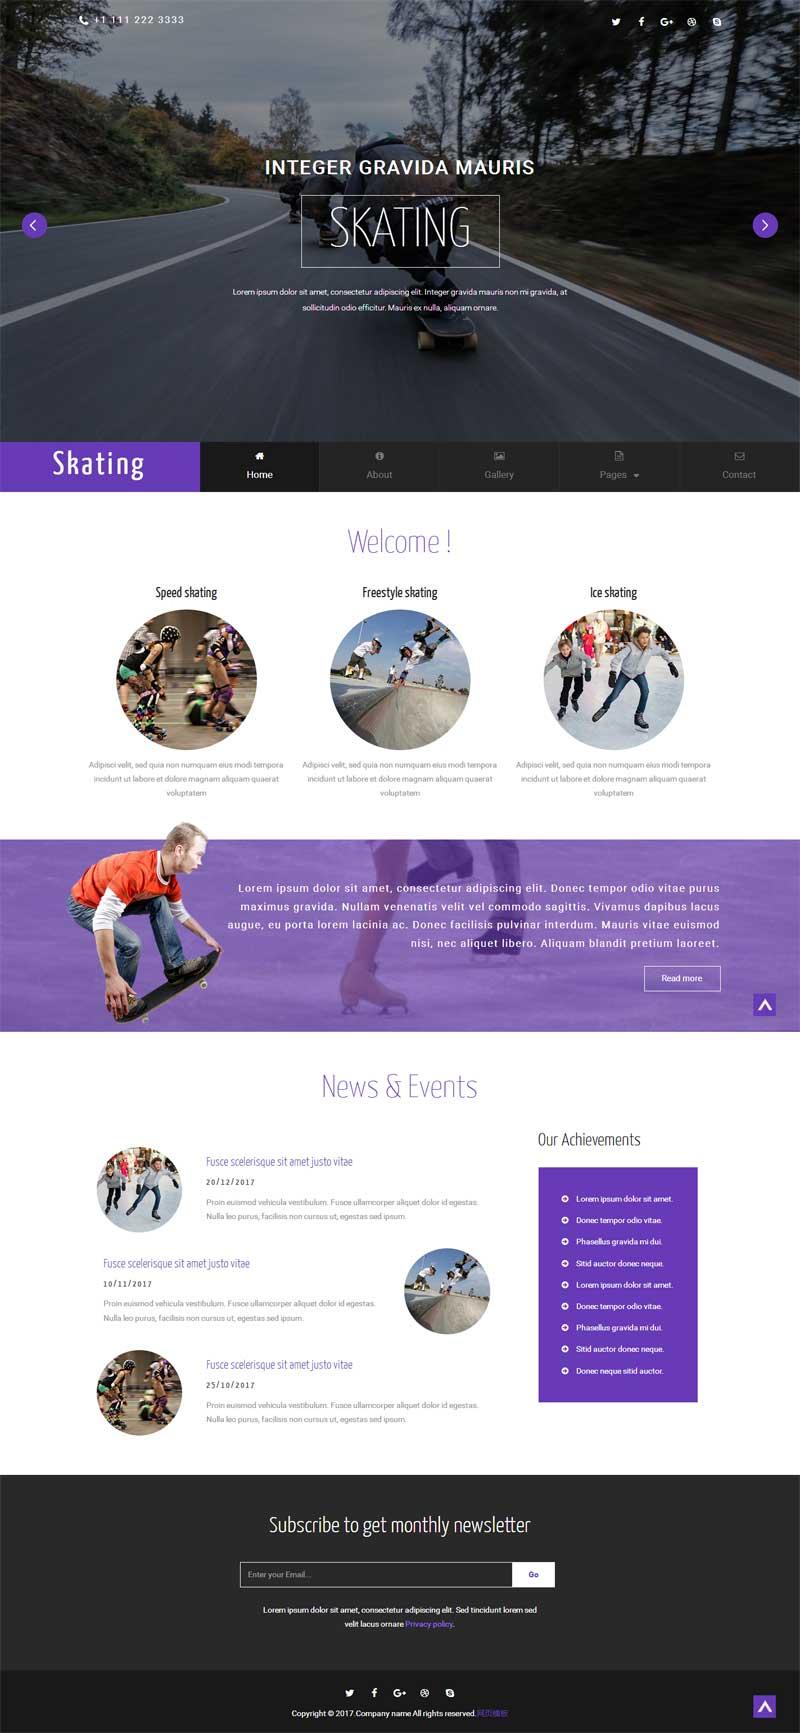 紫色大气的滑板俱乐部网页模板下载